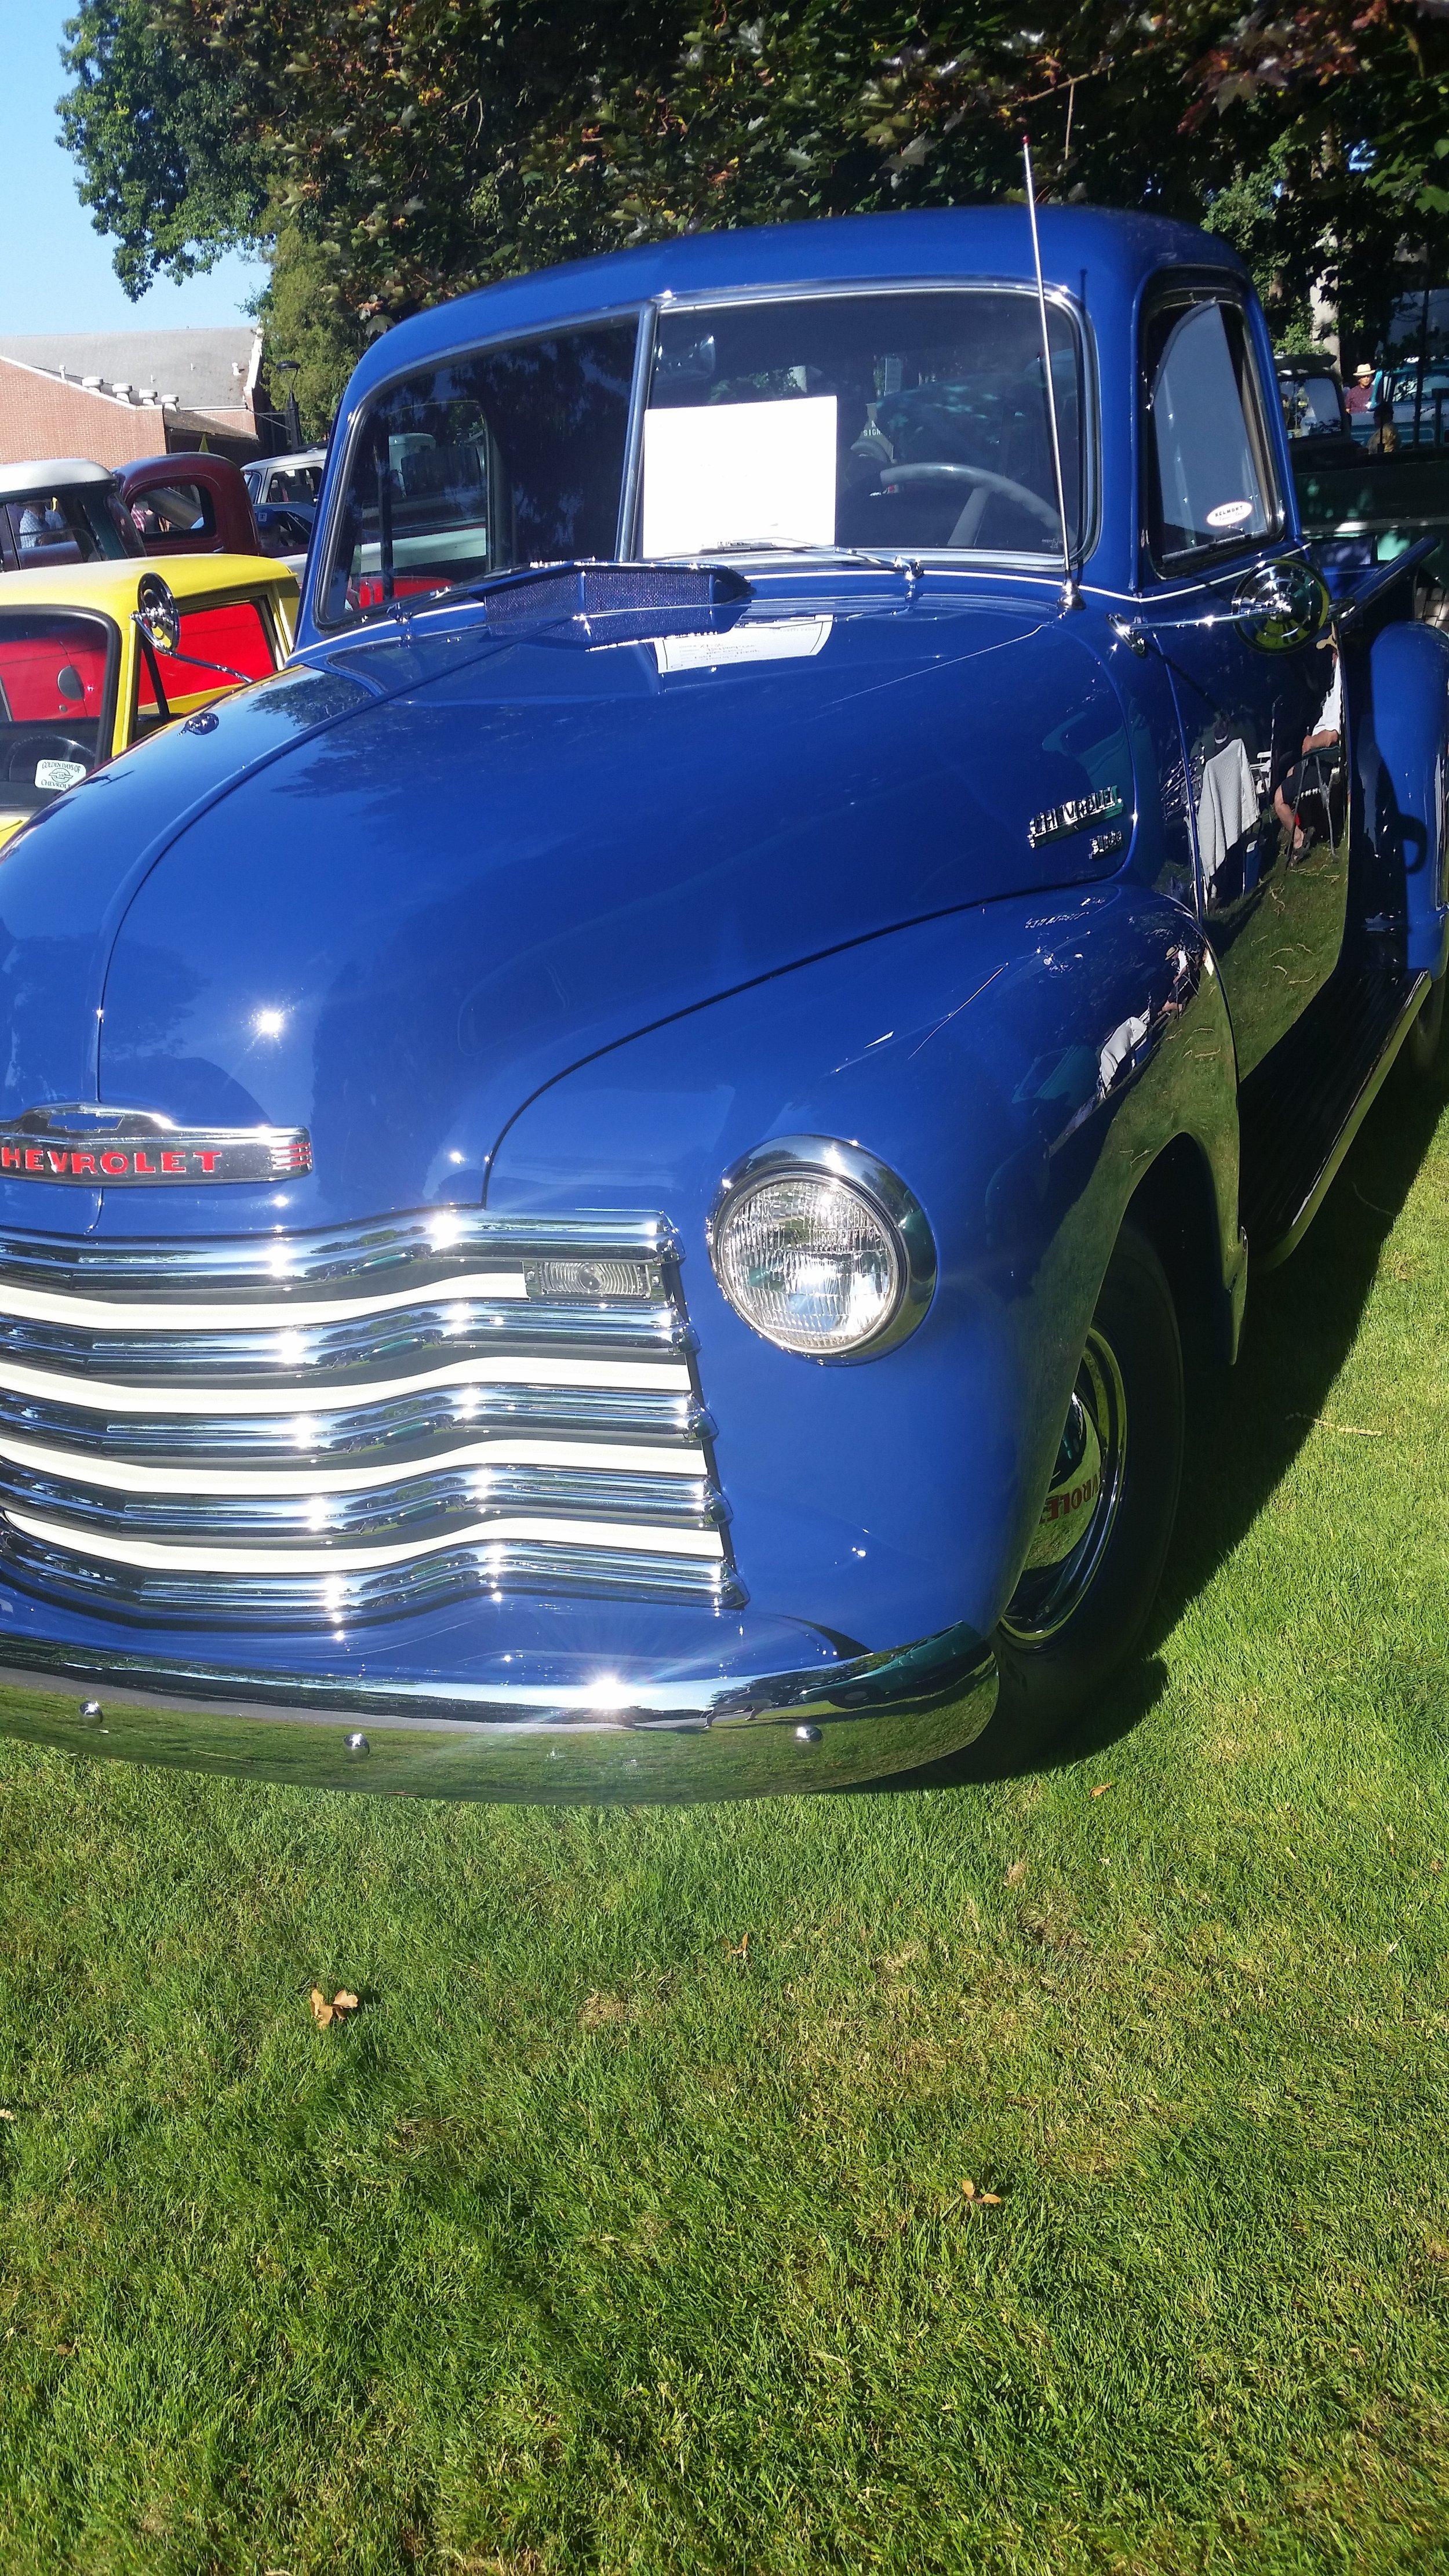 1950 Chevrolet Truck.jpg